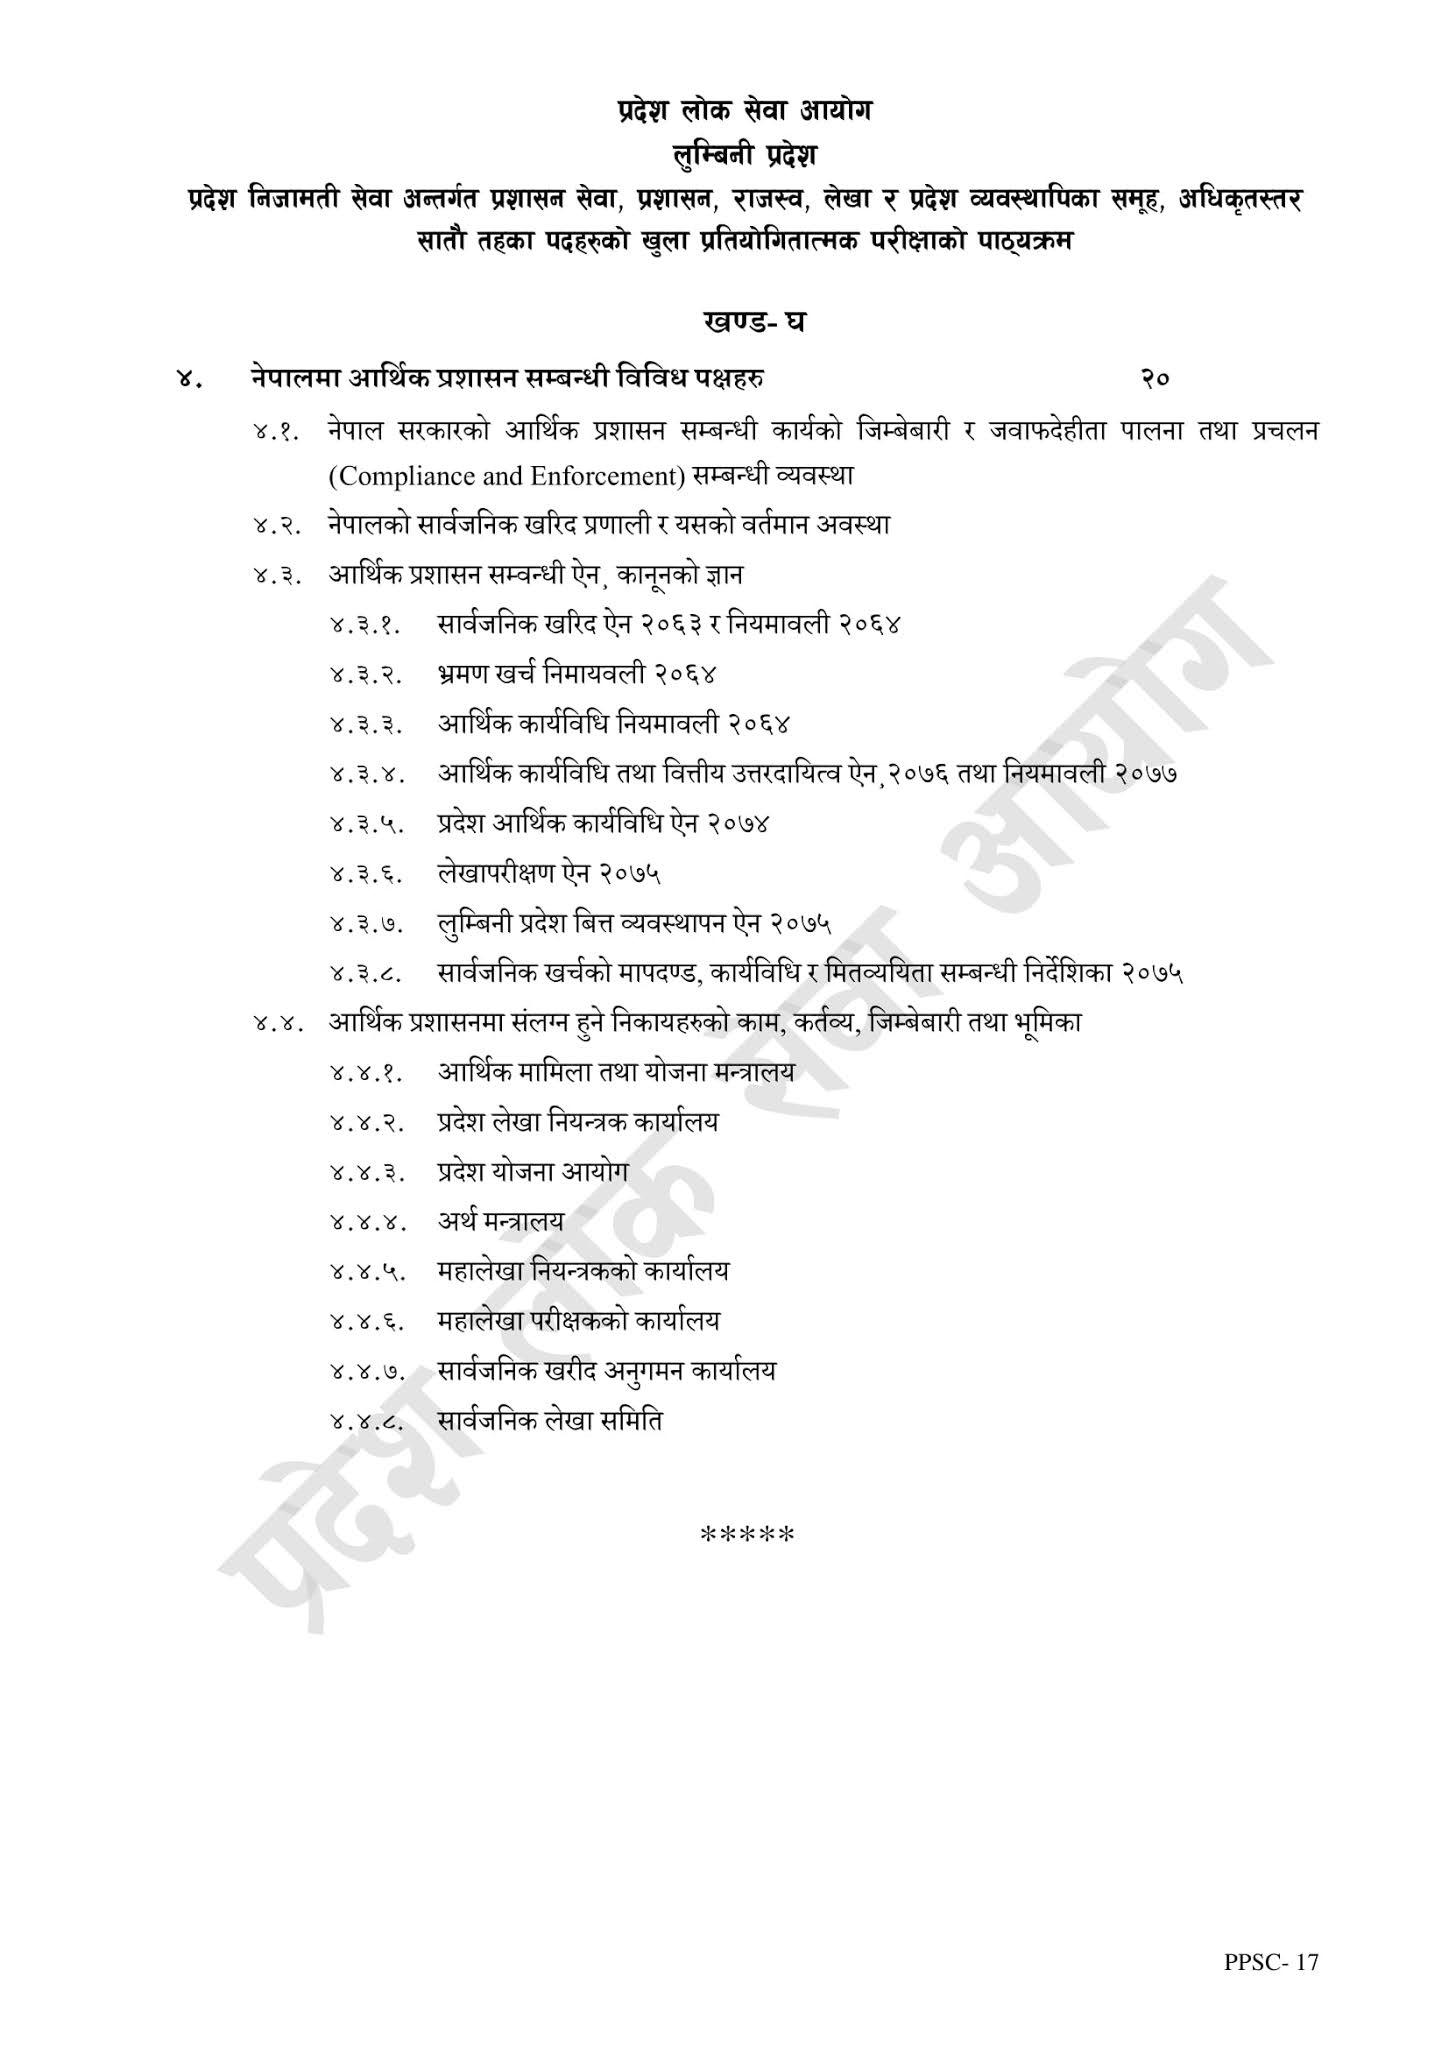 Officer 7th, Prashasan Syllabus PPSC Lumbini